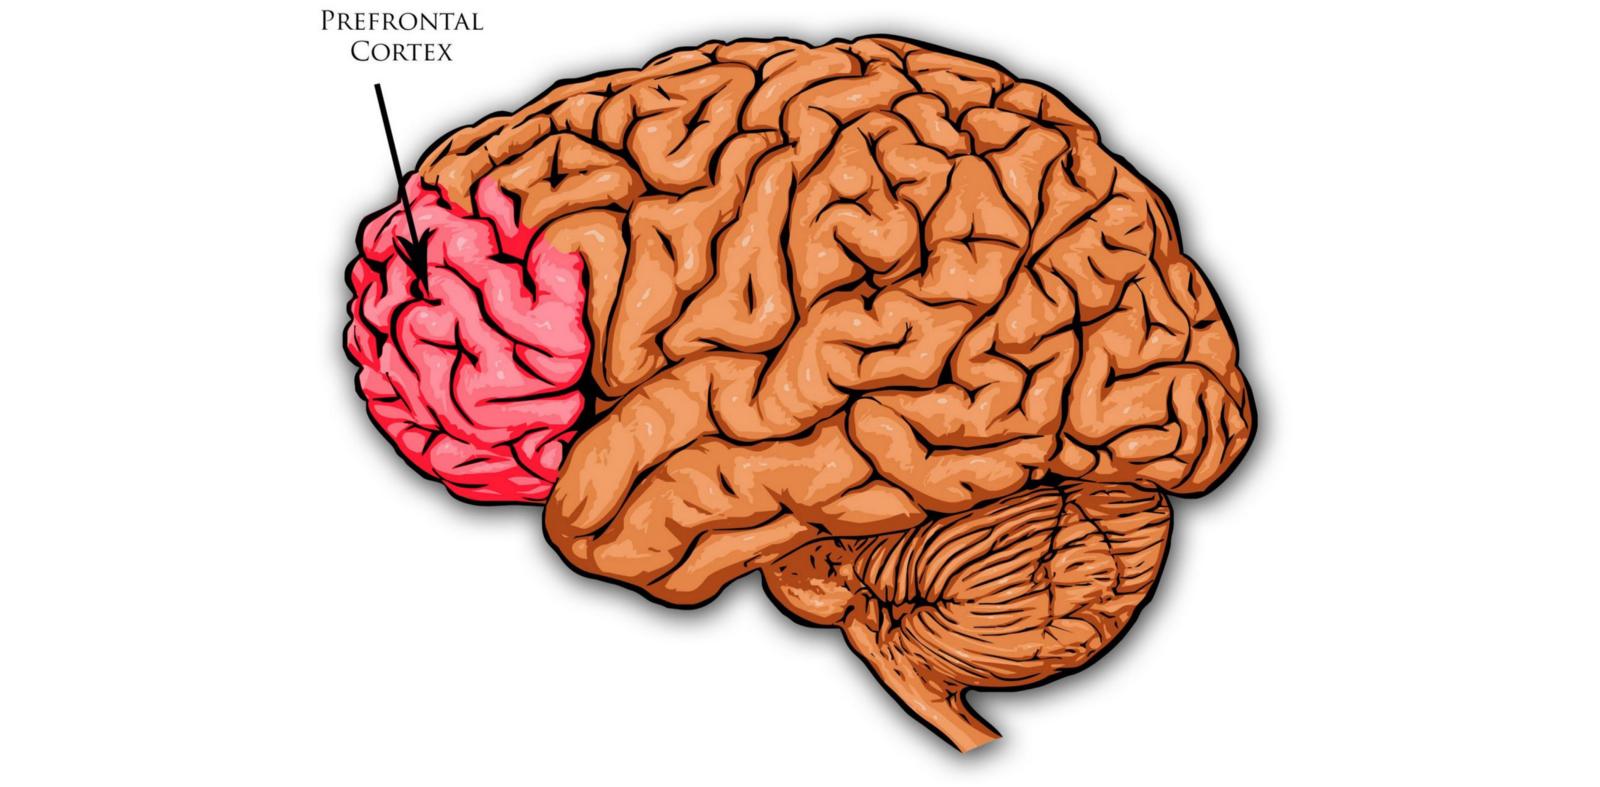 Prefrontal Cortex © Mdf, CC-BY-SA 3.0